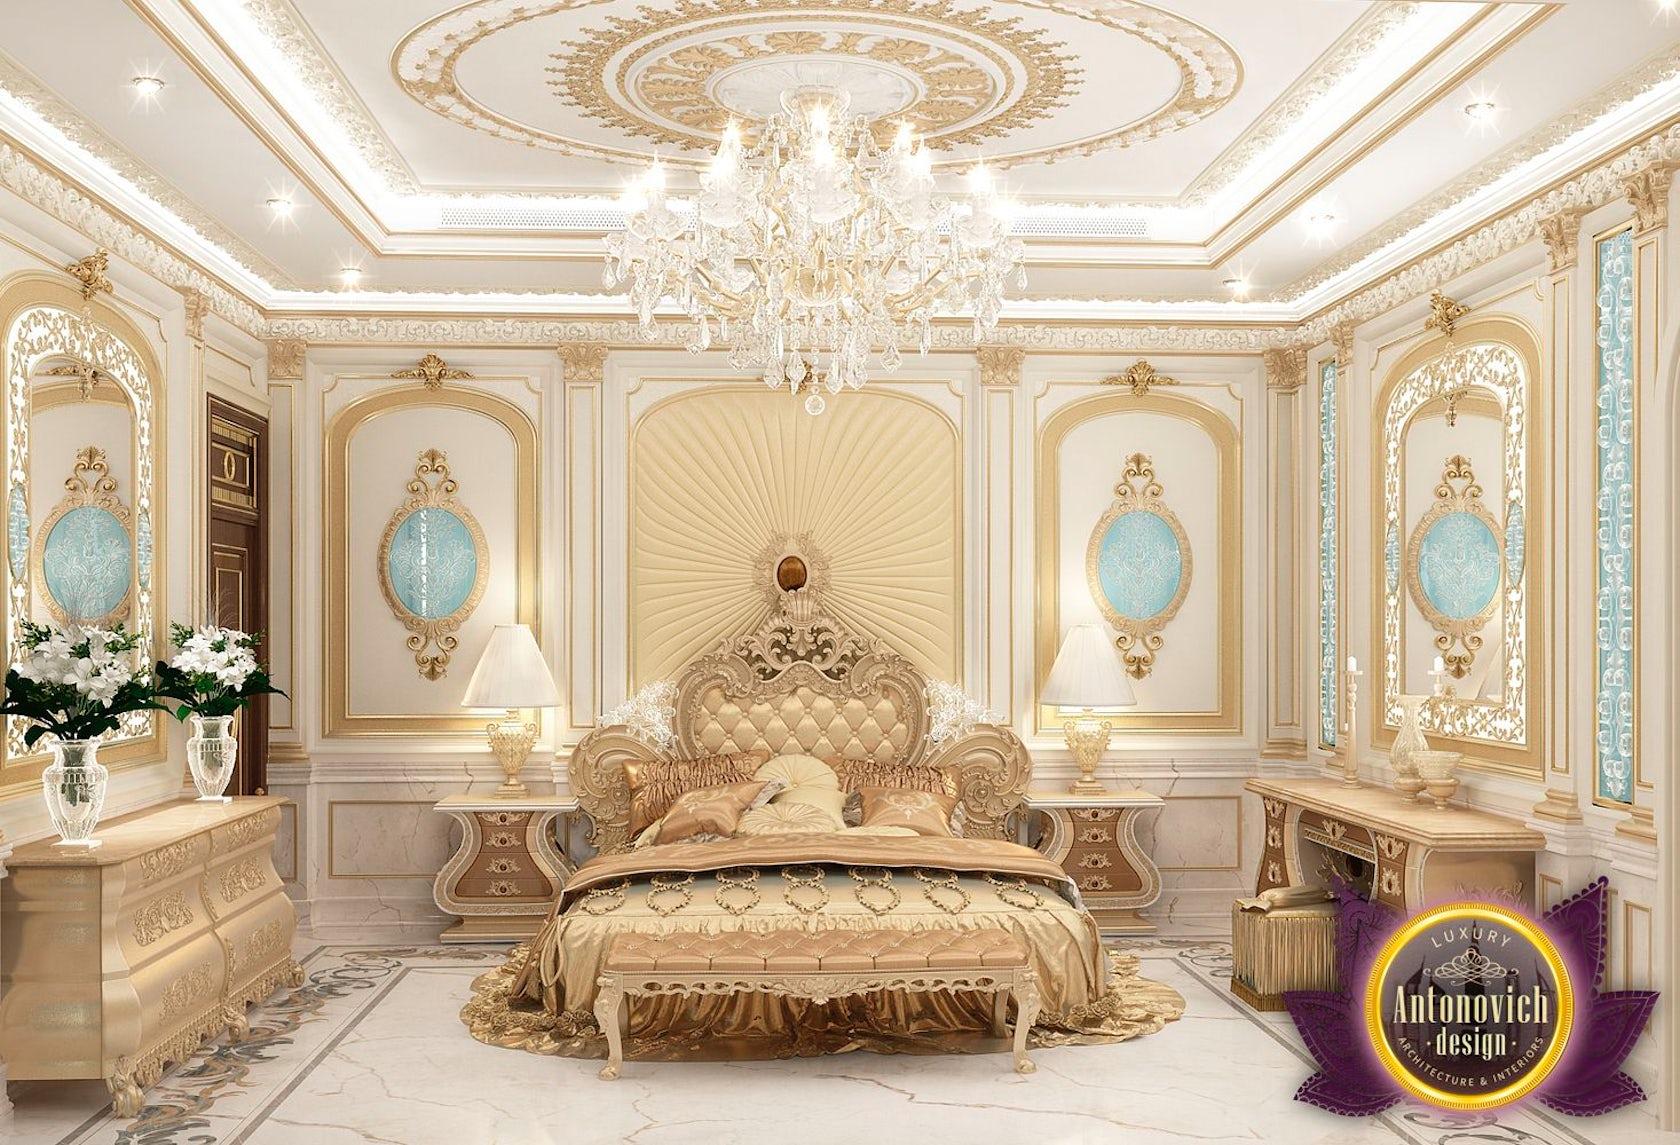 cozy bedroom interior design of luxury antonovich design